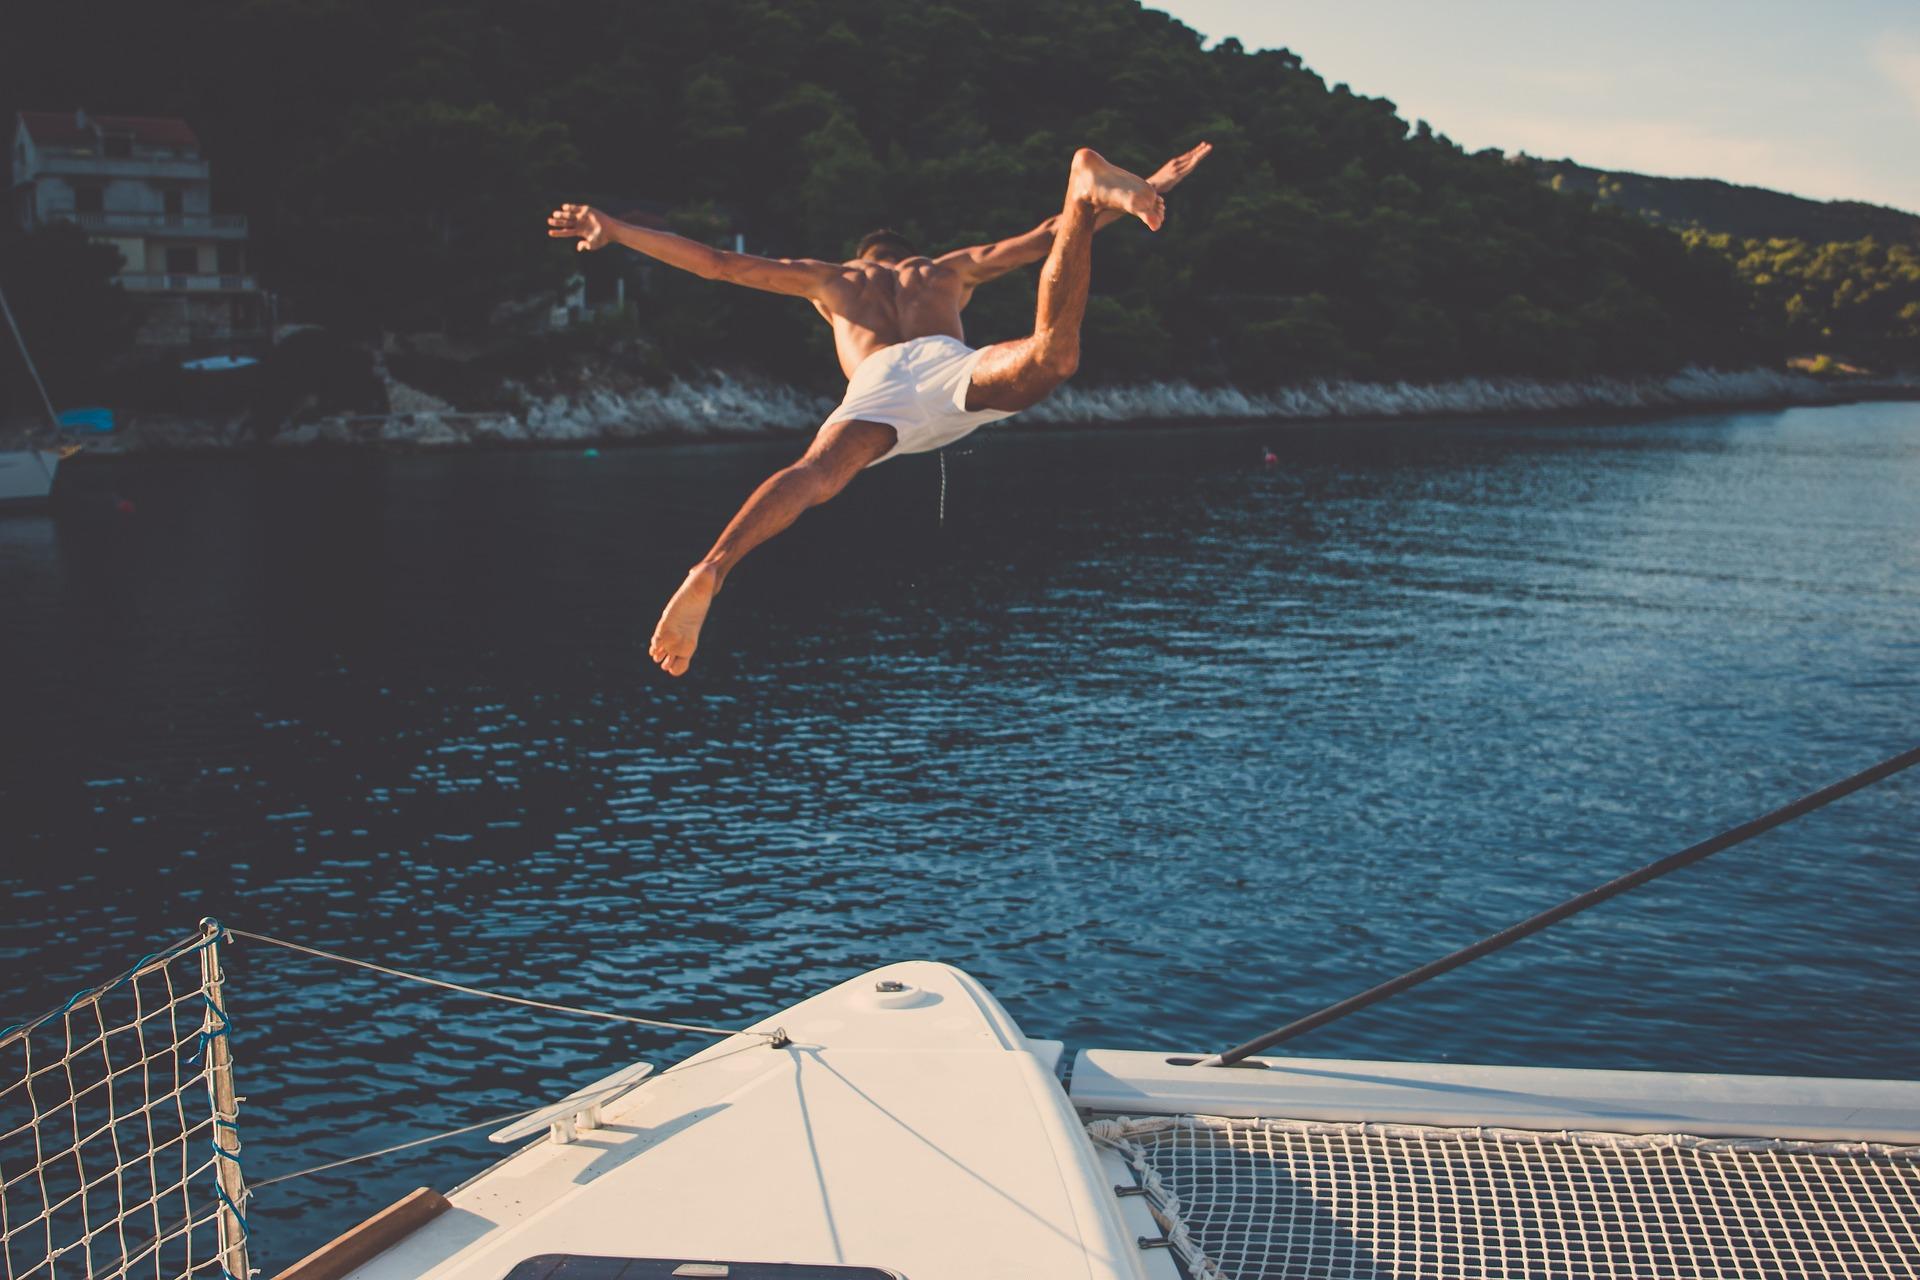 Addio al nubilato o al celibato, in barca è più divertente